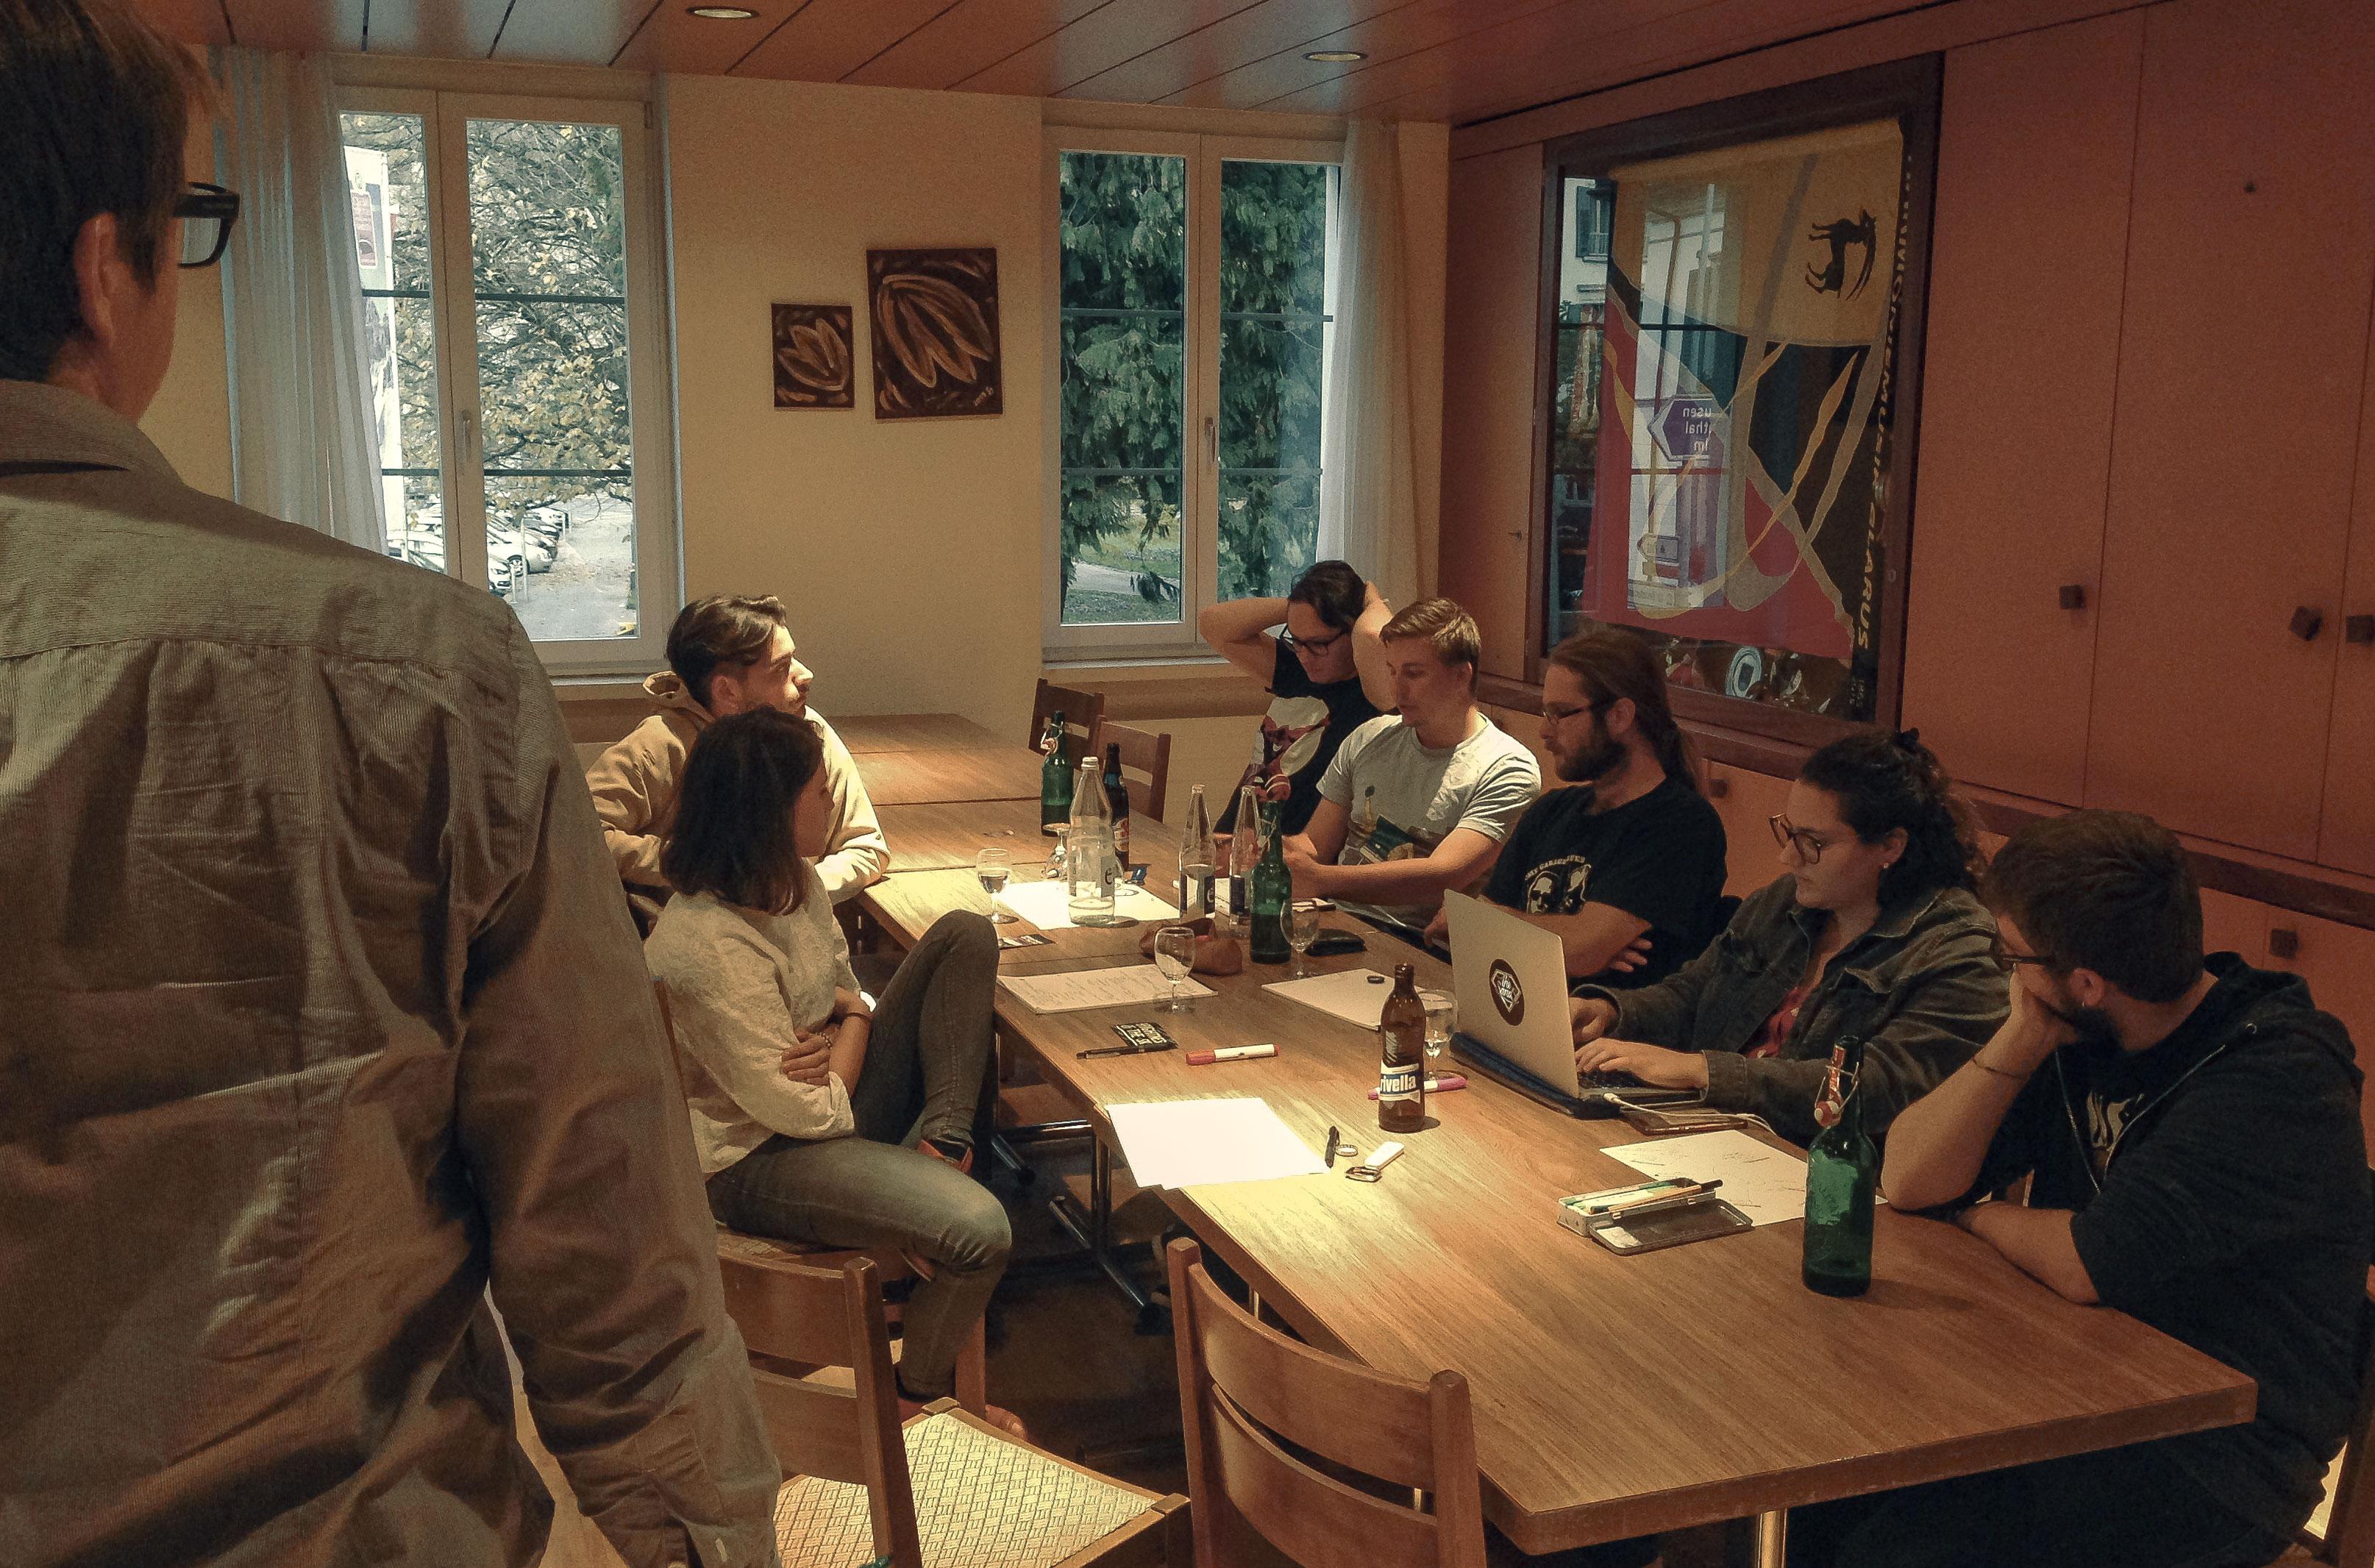 Engagierte Glarner Musiker und Musikliebhaber legen unter der Führung des VFMB den Grundstein für ein Glarner Musiknetzwerk